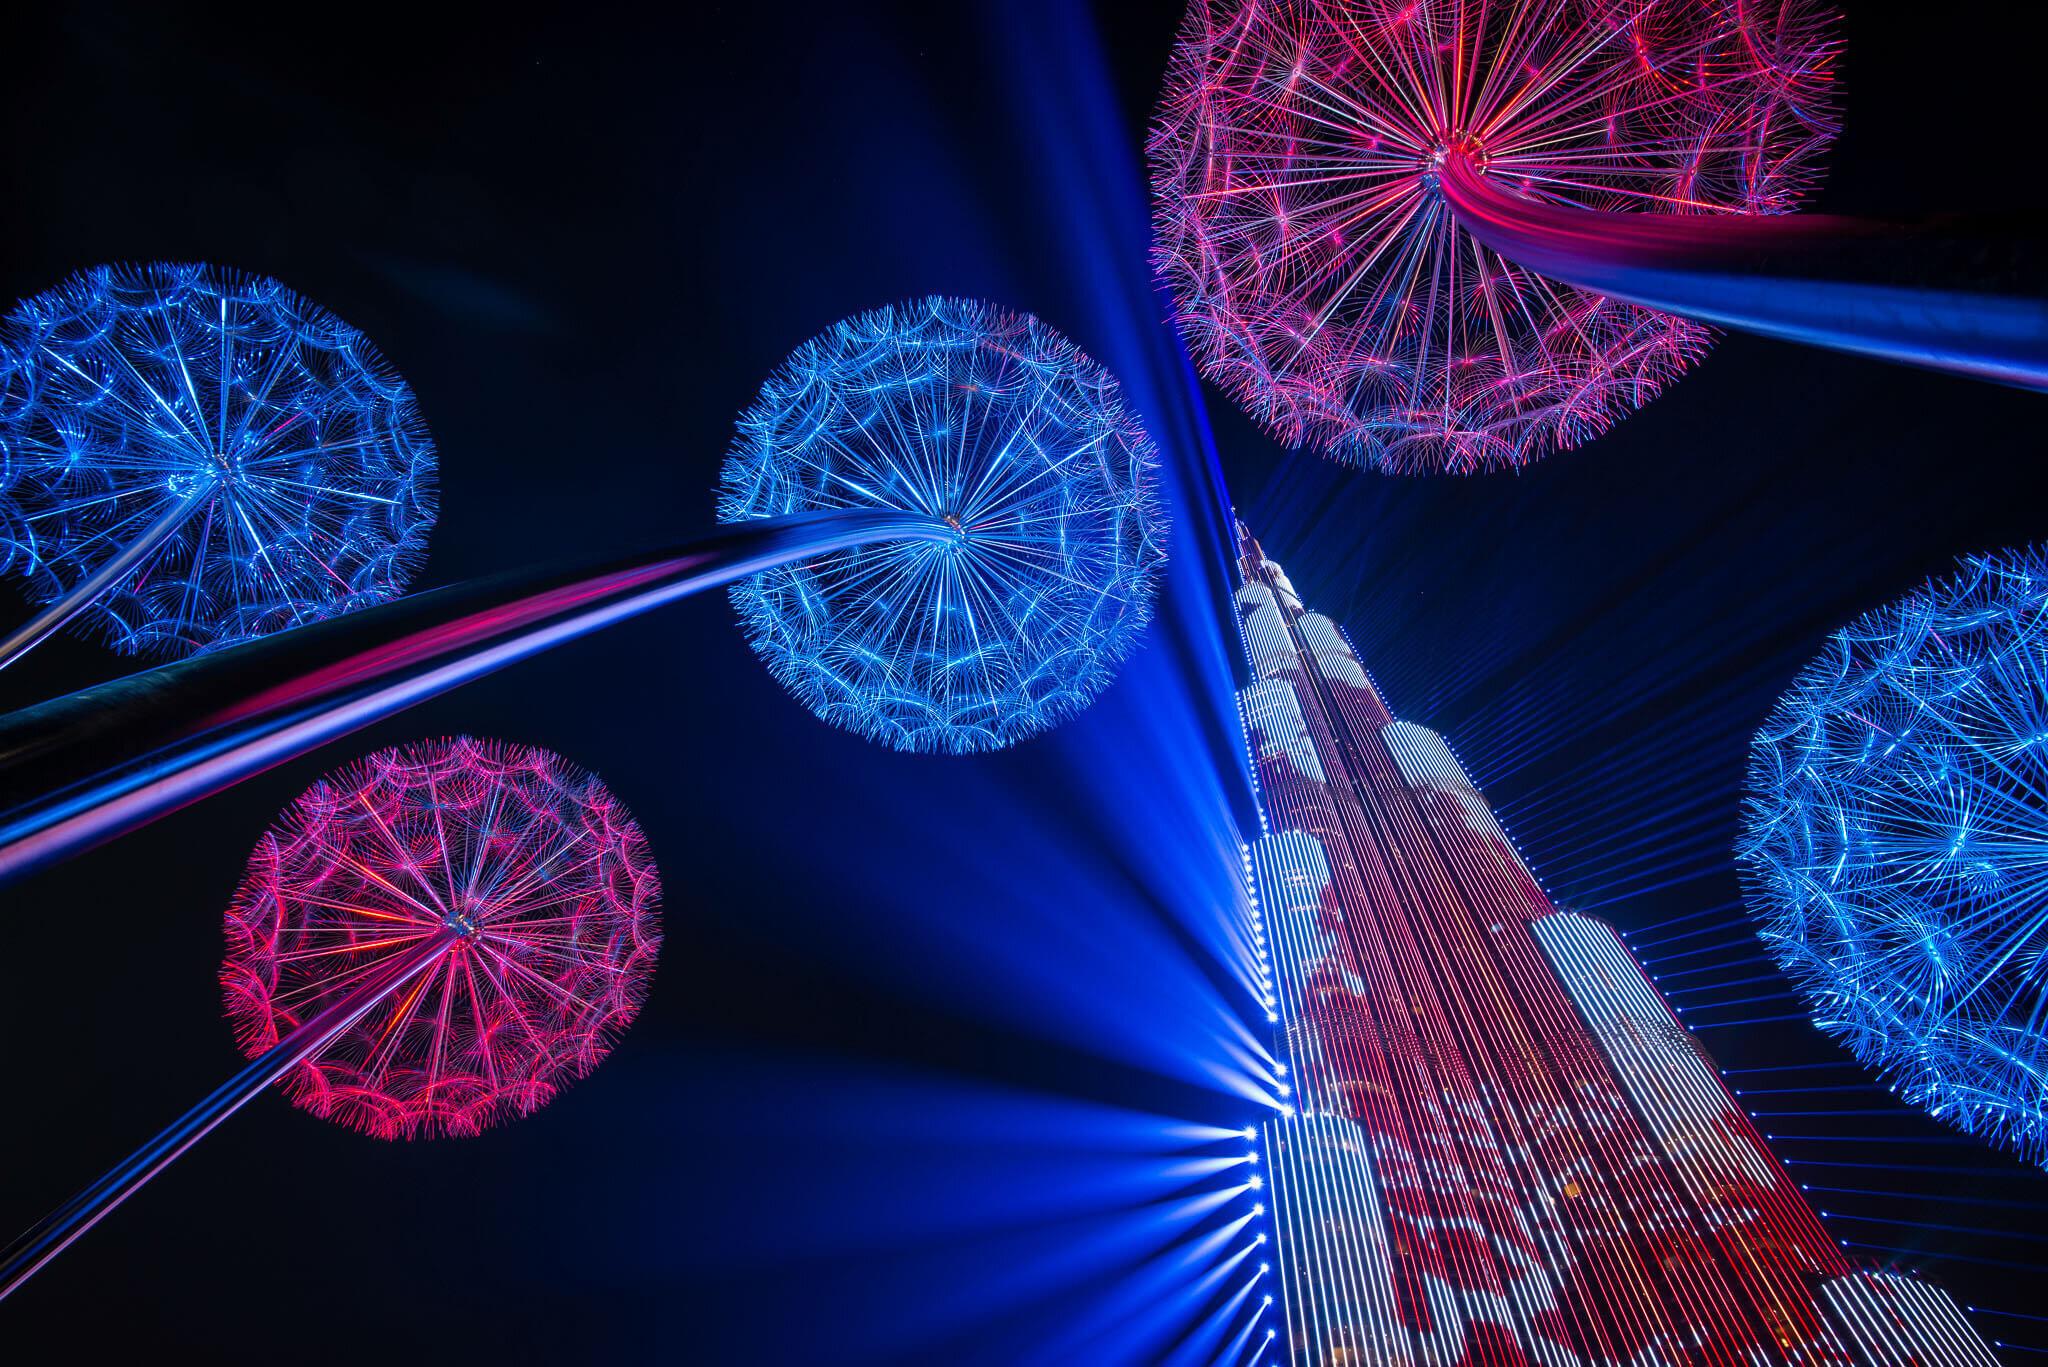 Svetelná show (fotografia z Nikon kalendára 2019) | Foto: Ľuboš Paukeje